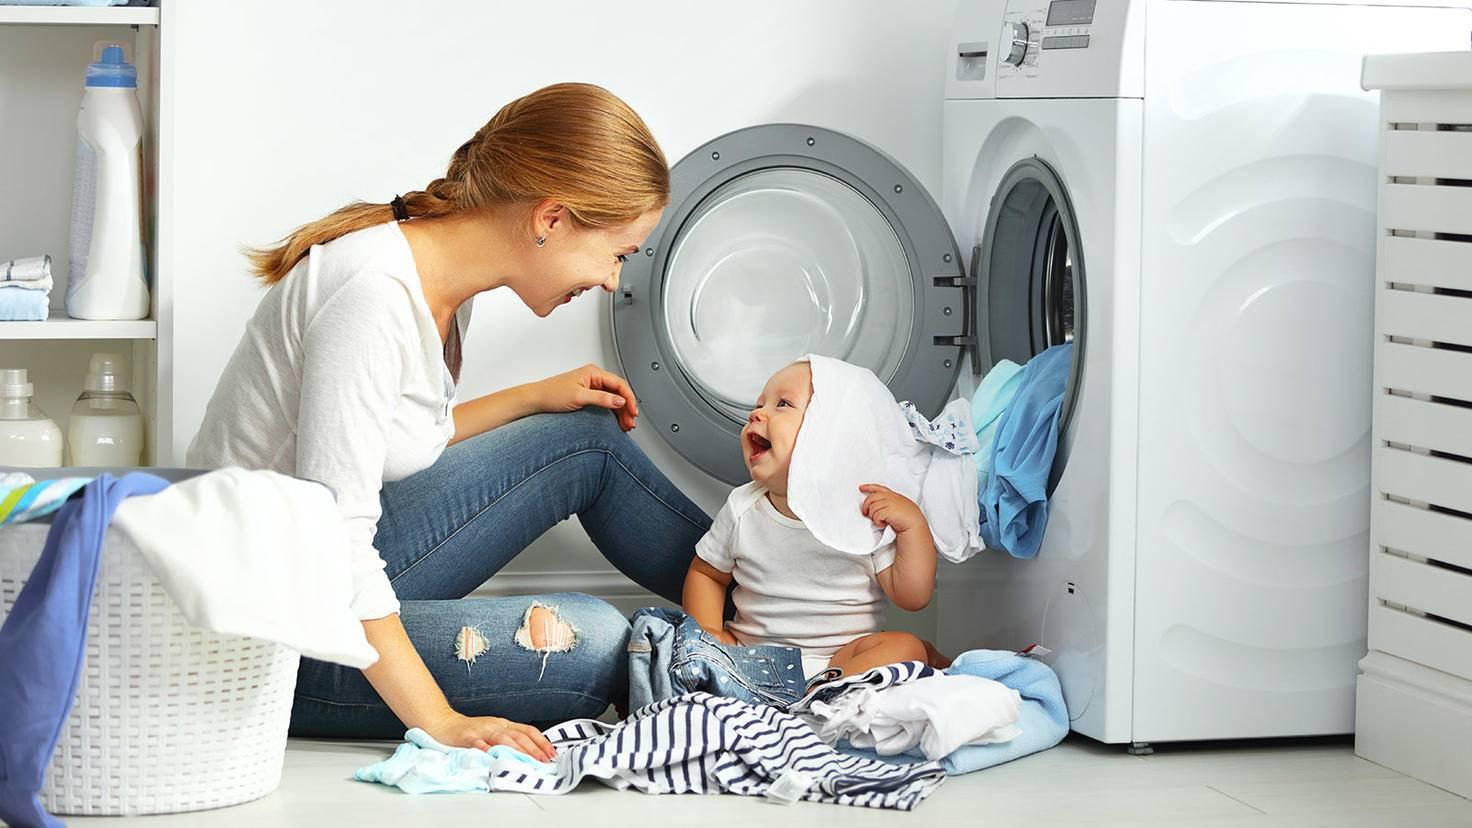 Mère lave les vêtements avec bébé ensemble